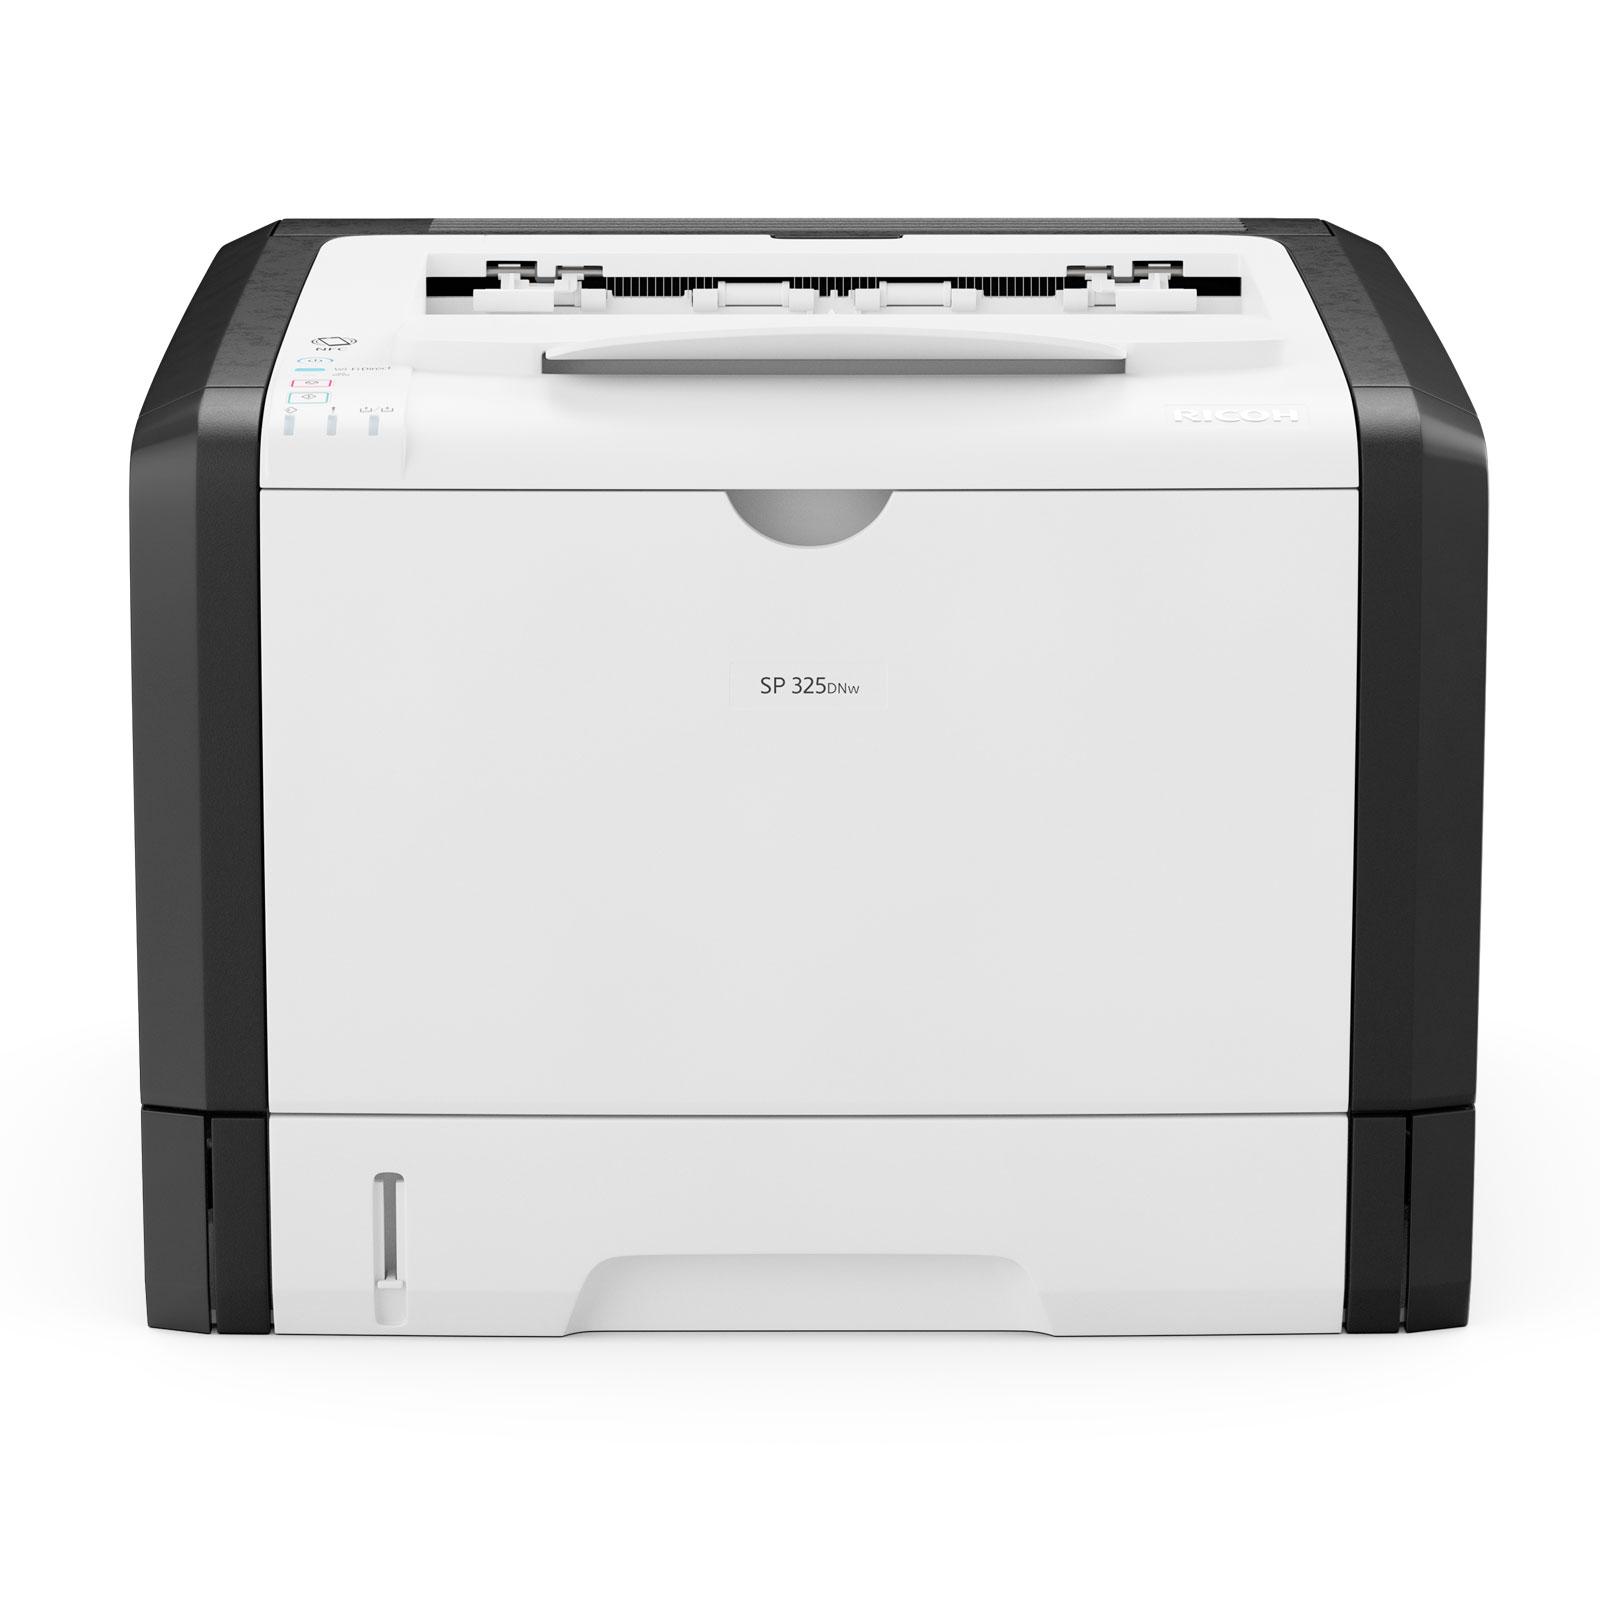 Imprimante Ricoh SP 325DNw (Laser monochrome/Reseau/WiFi/28ppm) - 0